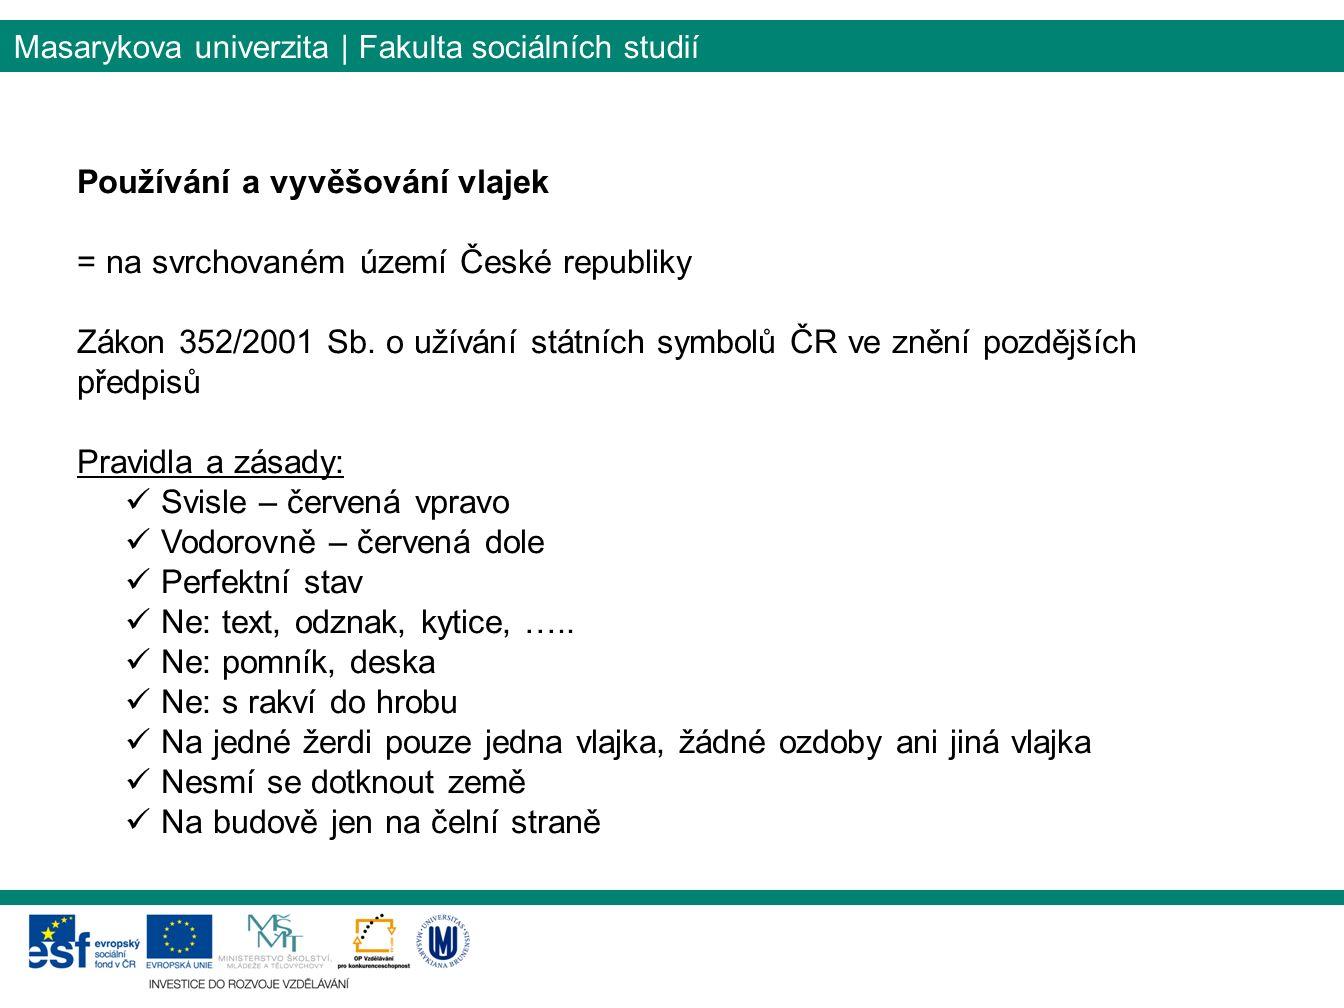 Masarykova univerzita | Fakulta sociálních studií Používání a vyvěšování vlajek = na svrchovaném území České republiky Zákon 352/2001 Sb.